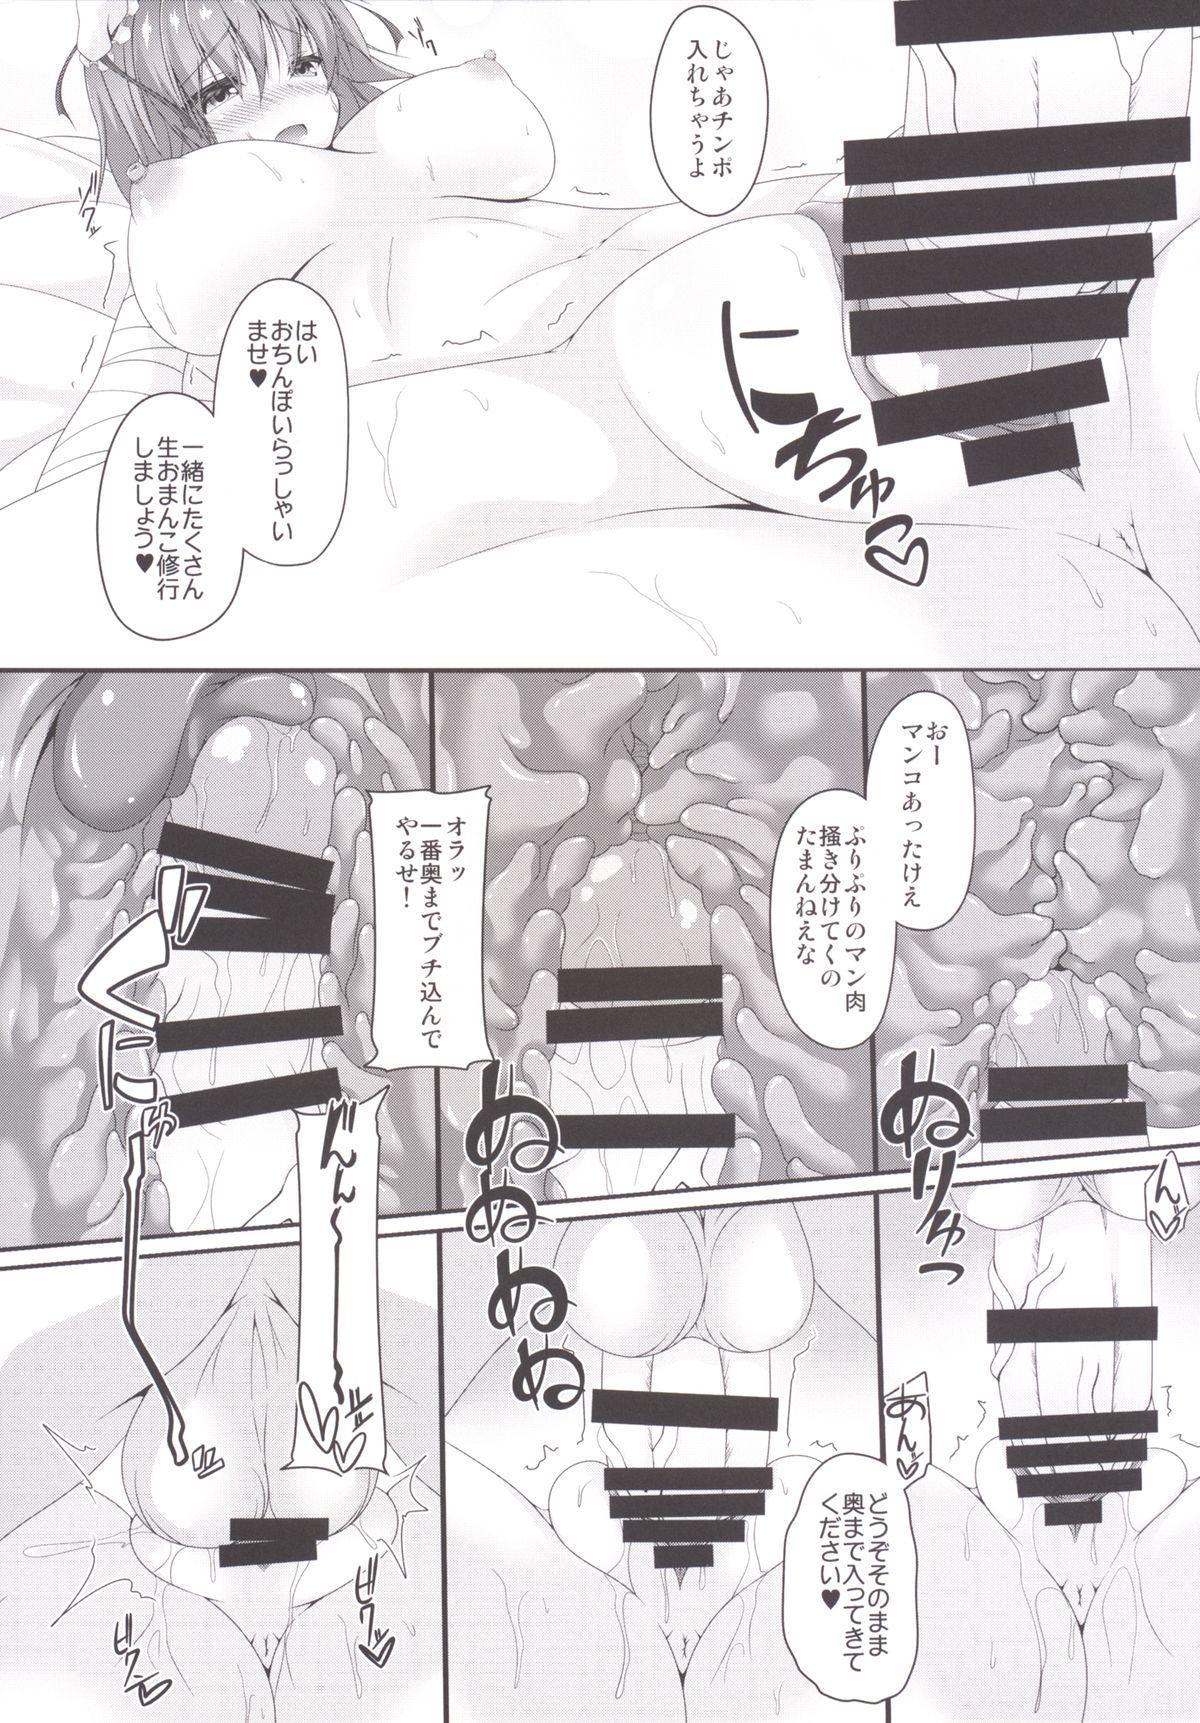 Momoiro Senjutsu 6